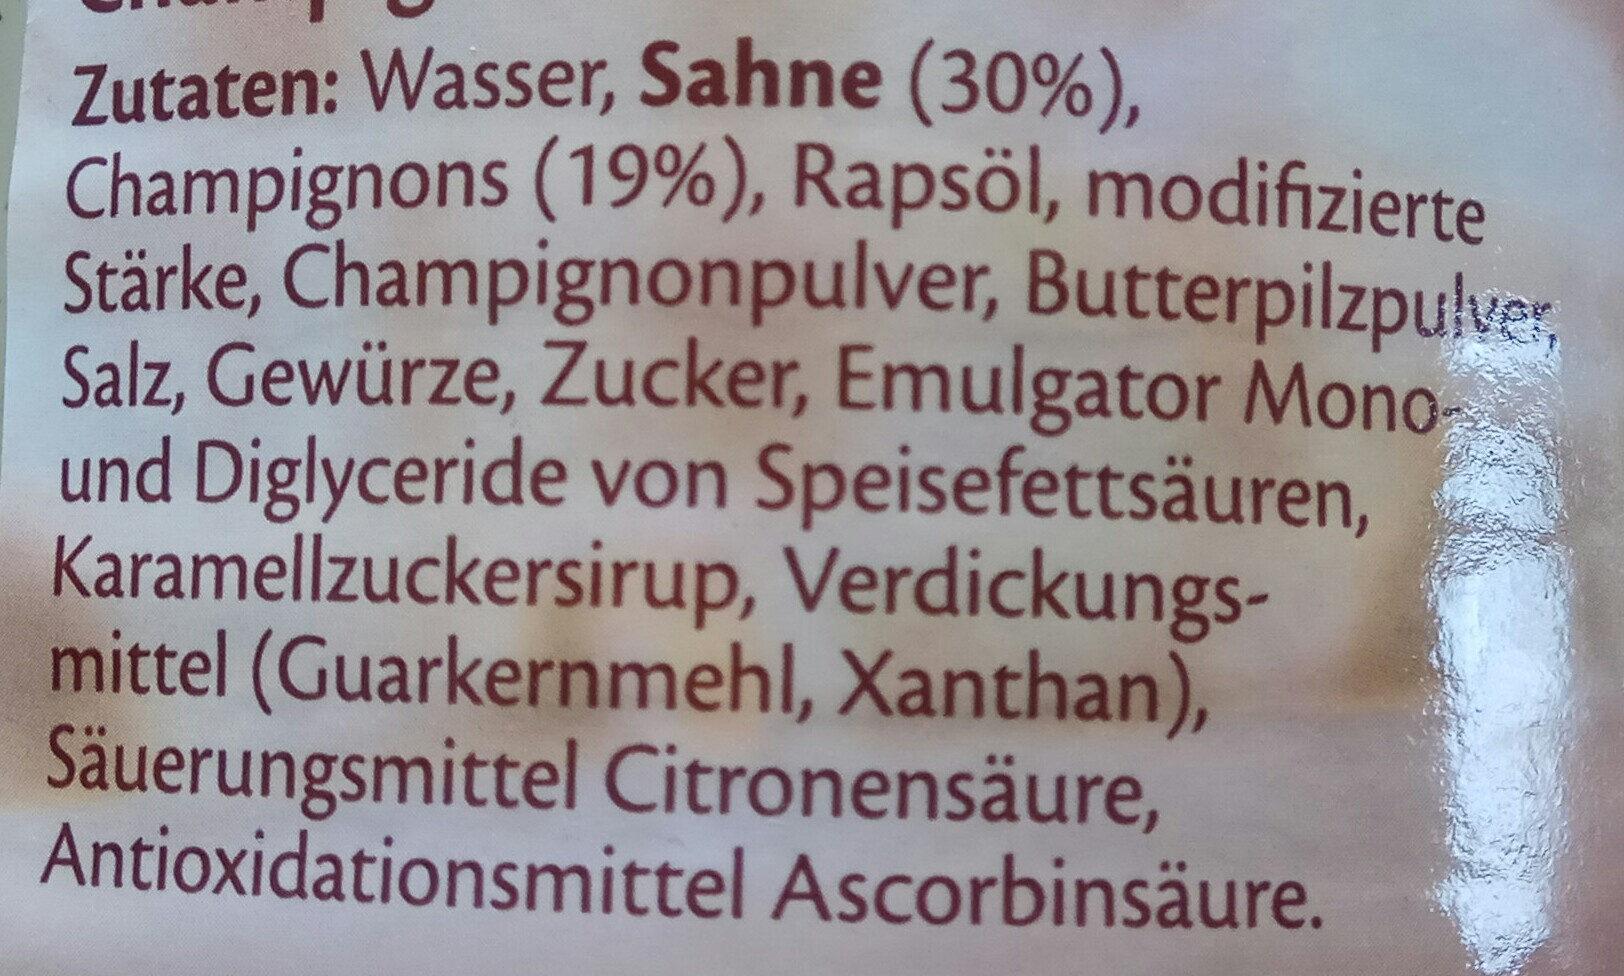 Sahnesauce mit Chapignons - Ingredients - de